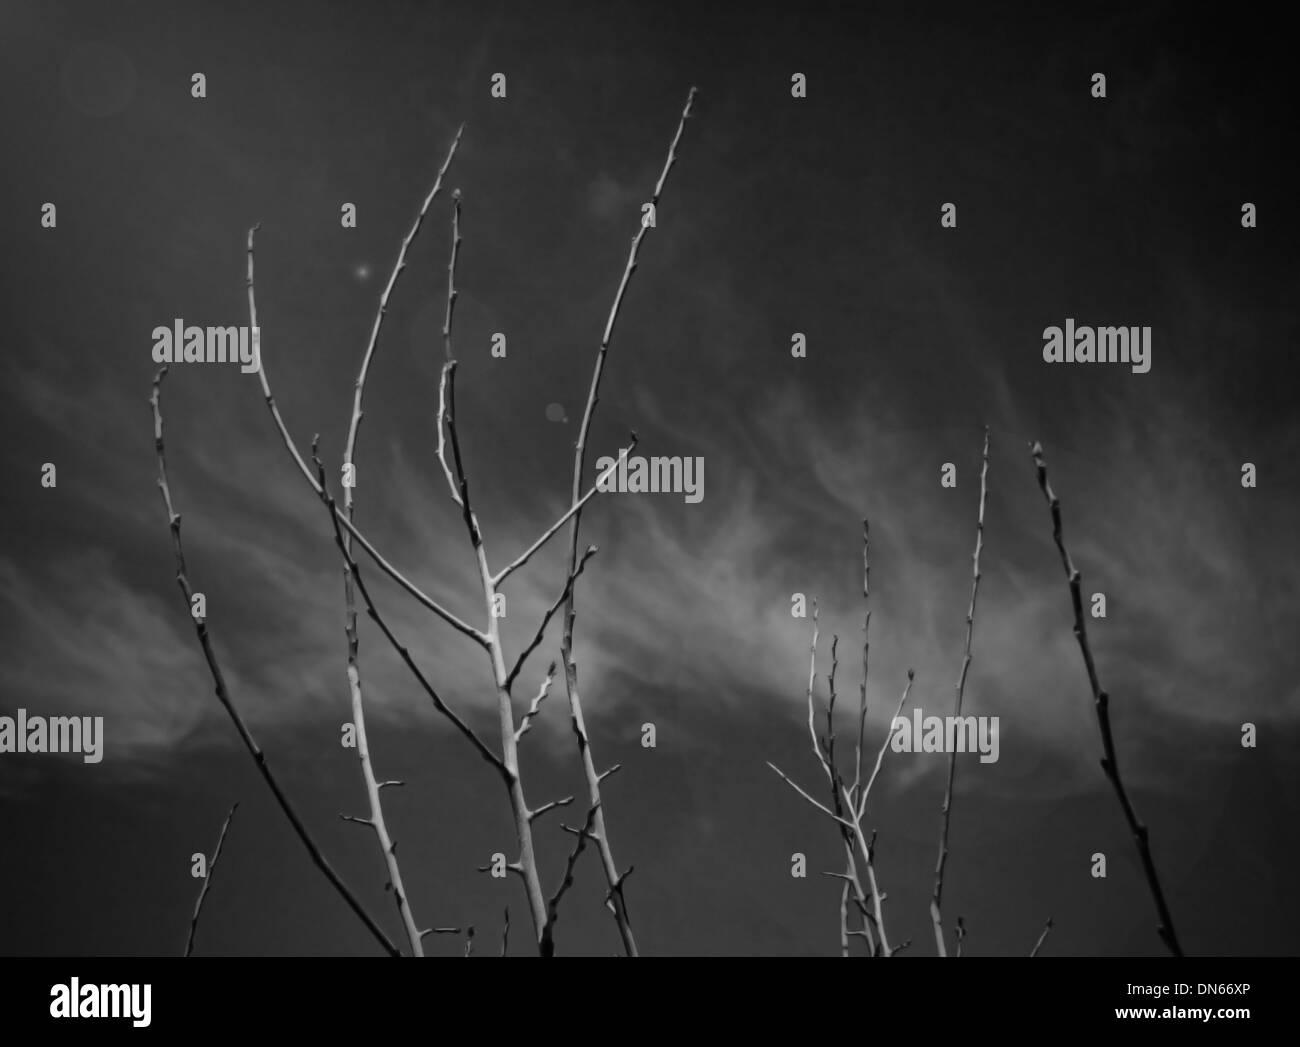 Zweige schwarz / weiß s/w Himmel Wolken Sinai Ägypten Pflanzen trocknen Toten Stöcke Stock Wüste flair Stockfoto